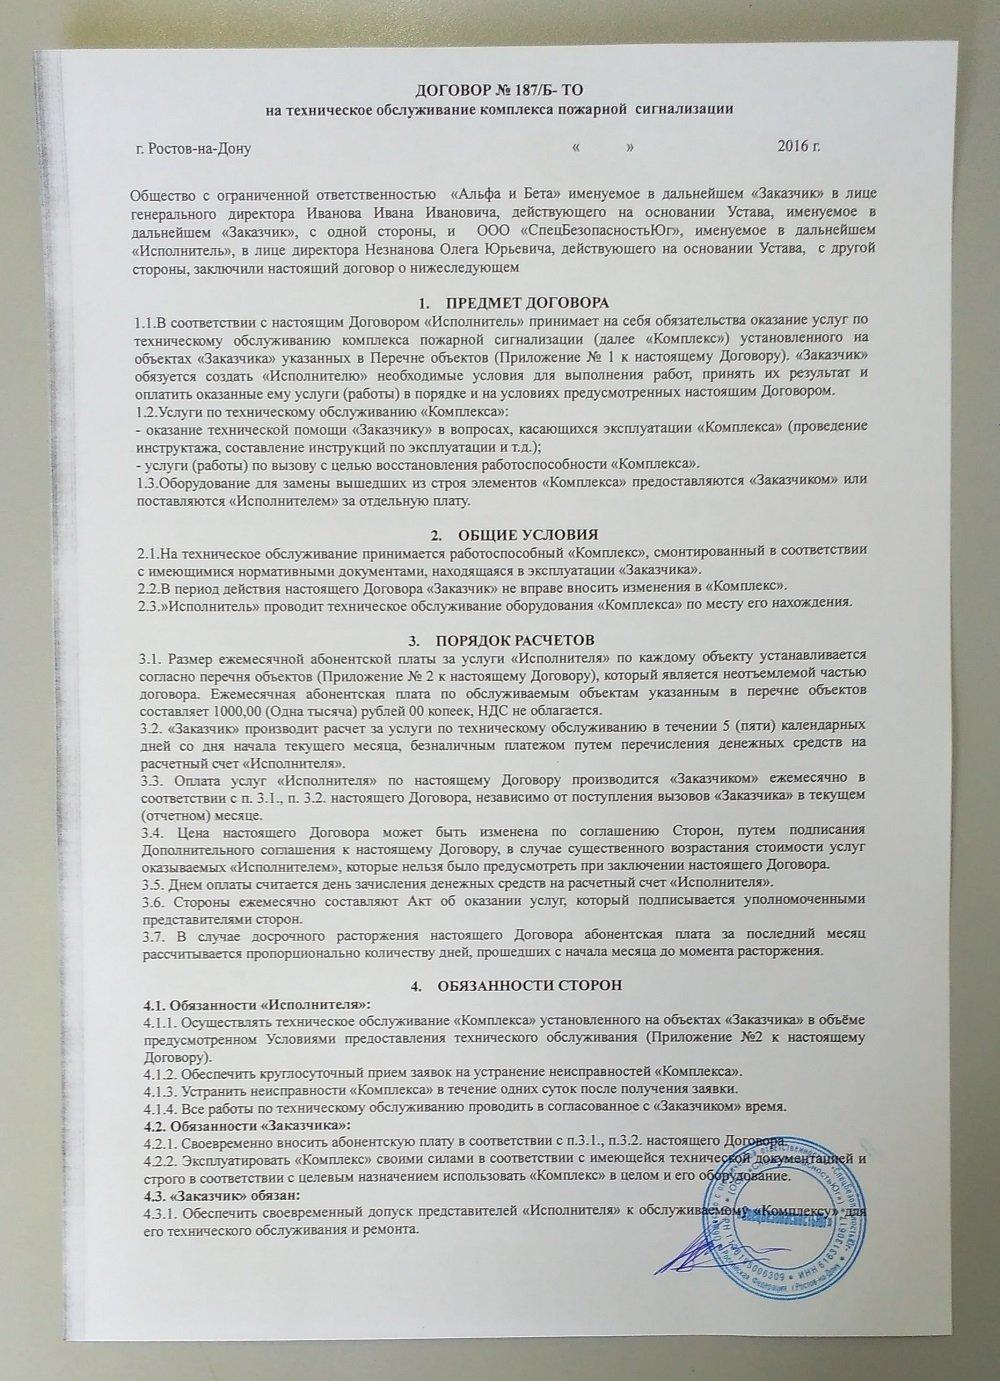 Основания заключения договора на техническое обслуживание